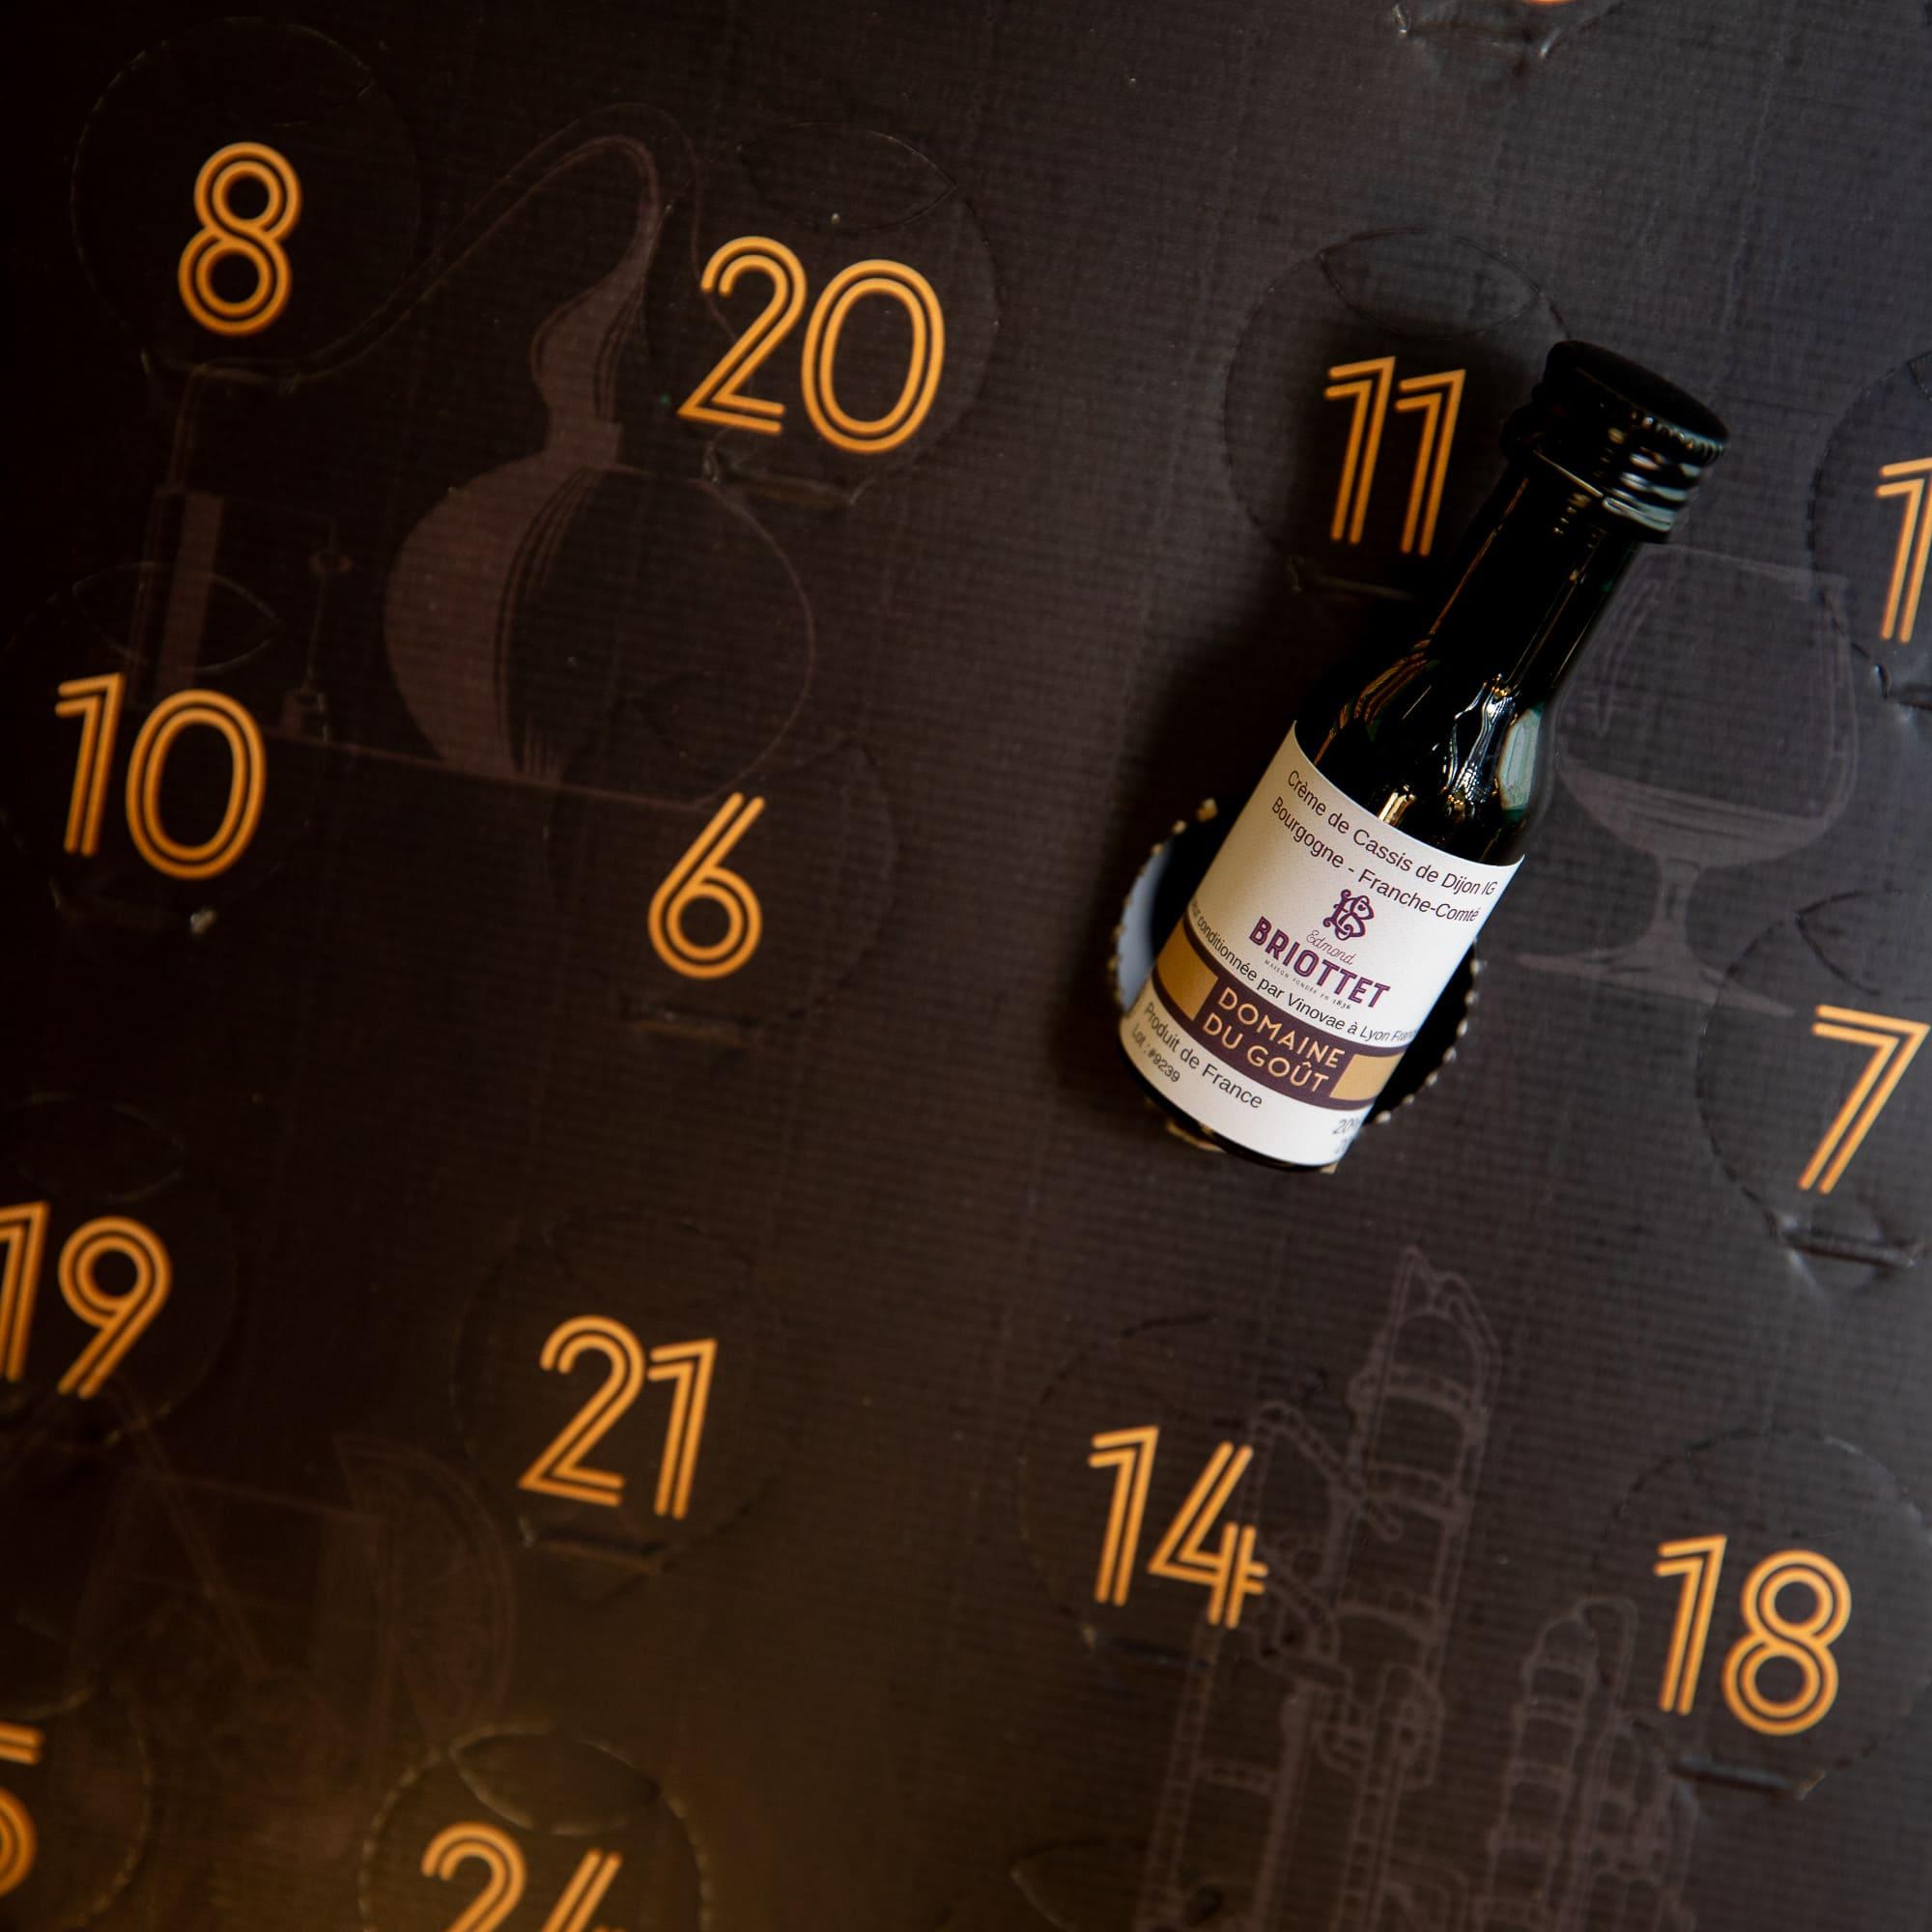 Briottet dans un calendrier de l'avent